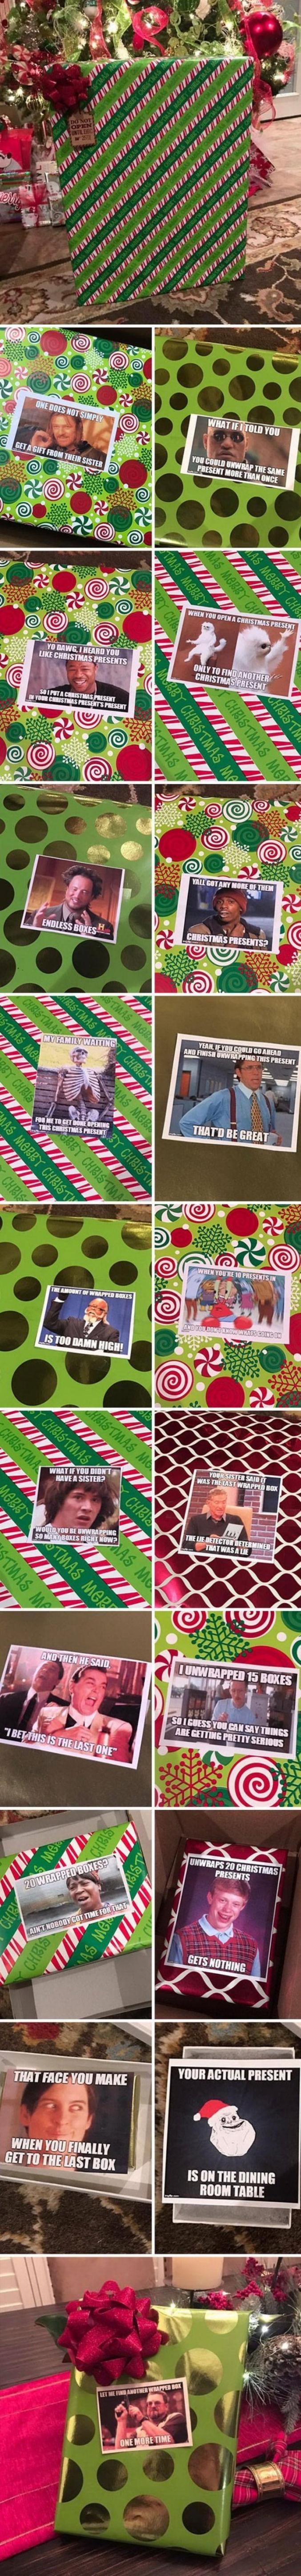 Un cadeau dans un cadeau dans un cadeau [...] dans un cadeau de ta soeur !